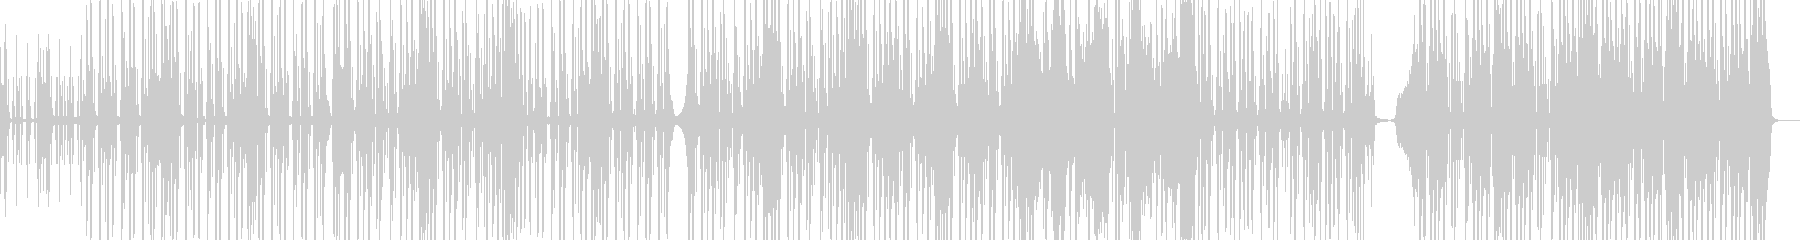 脱力系でファンキーなヒップホップ Dの未再生の波形